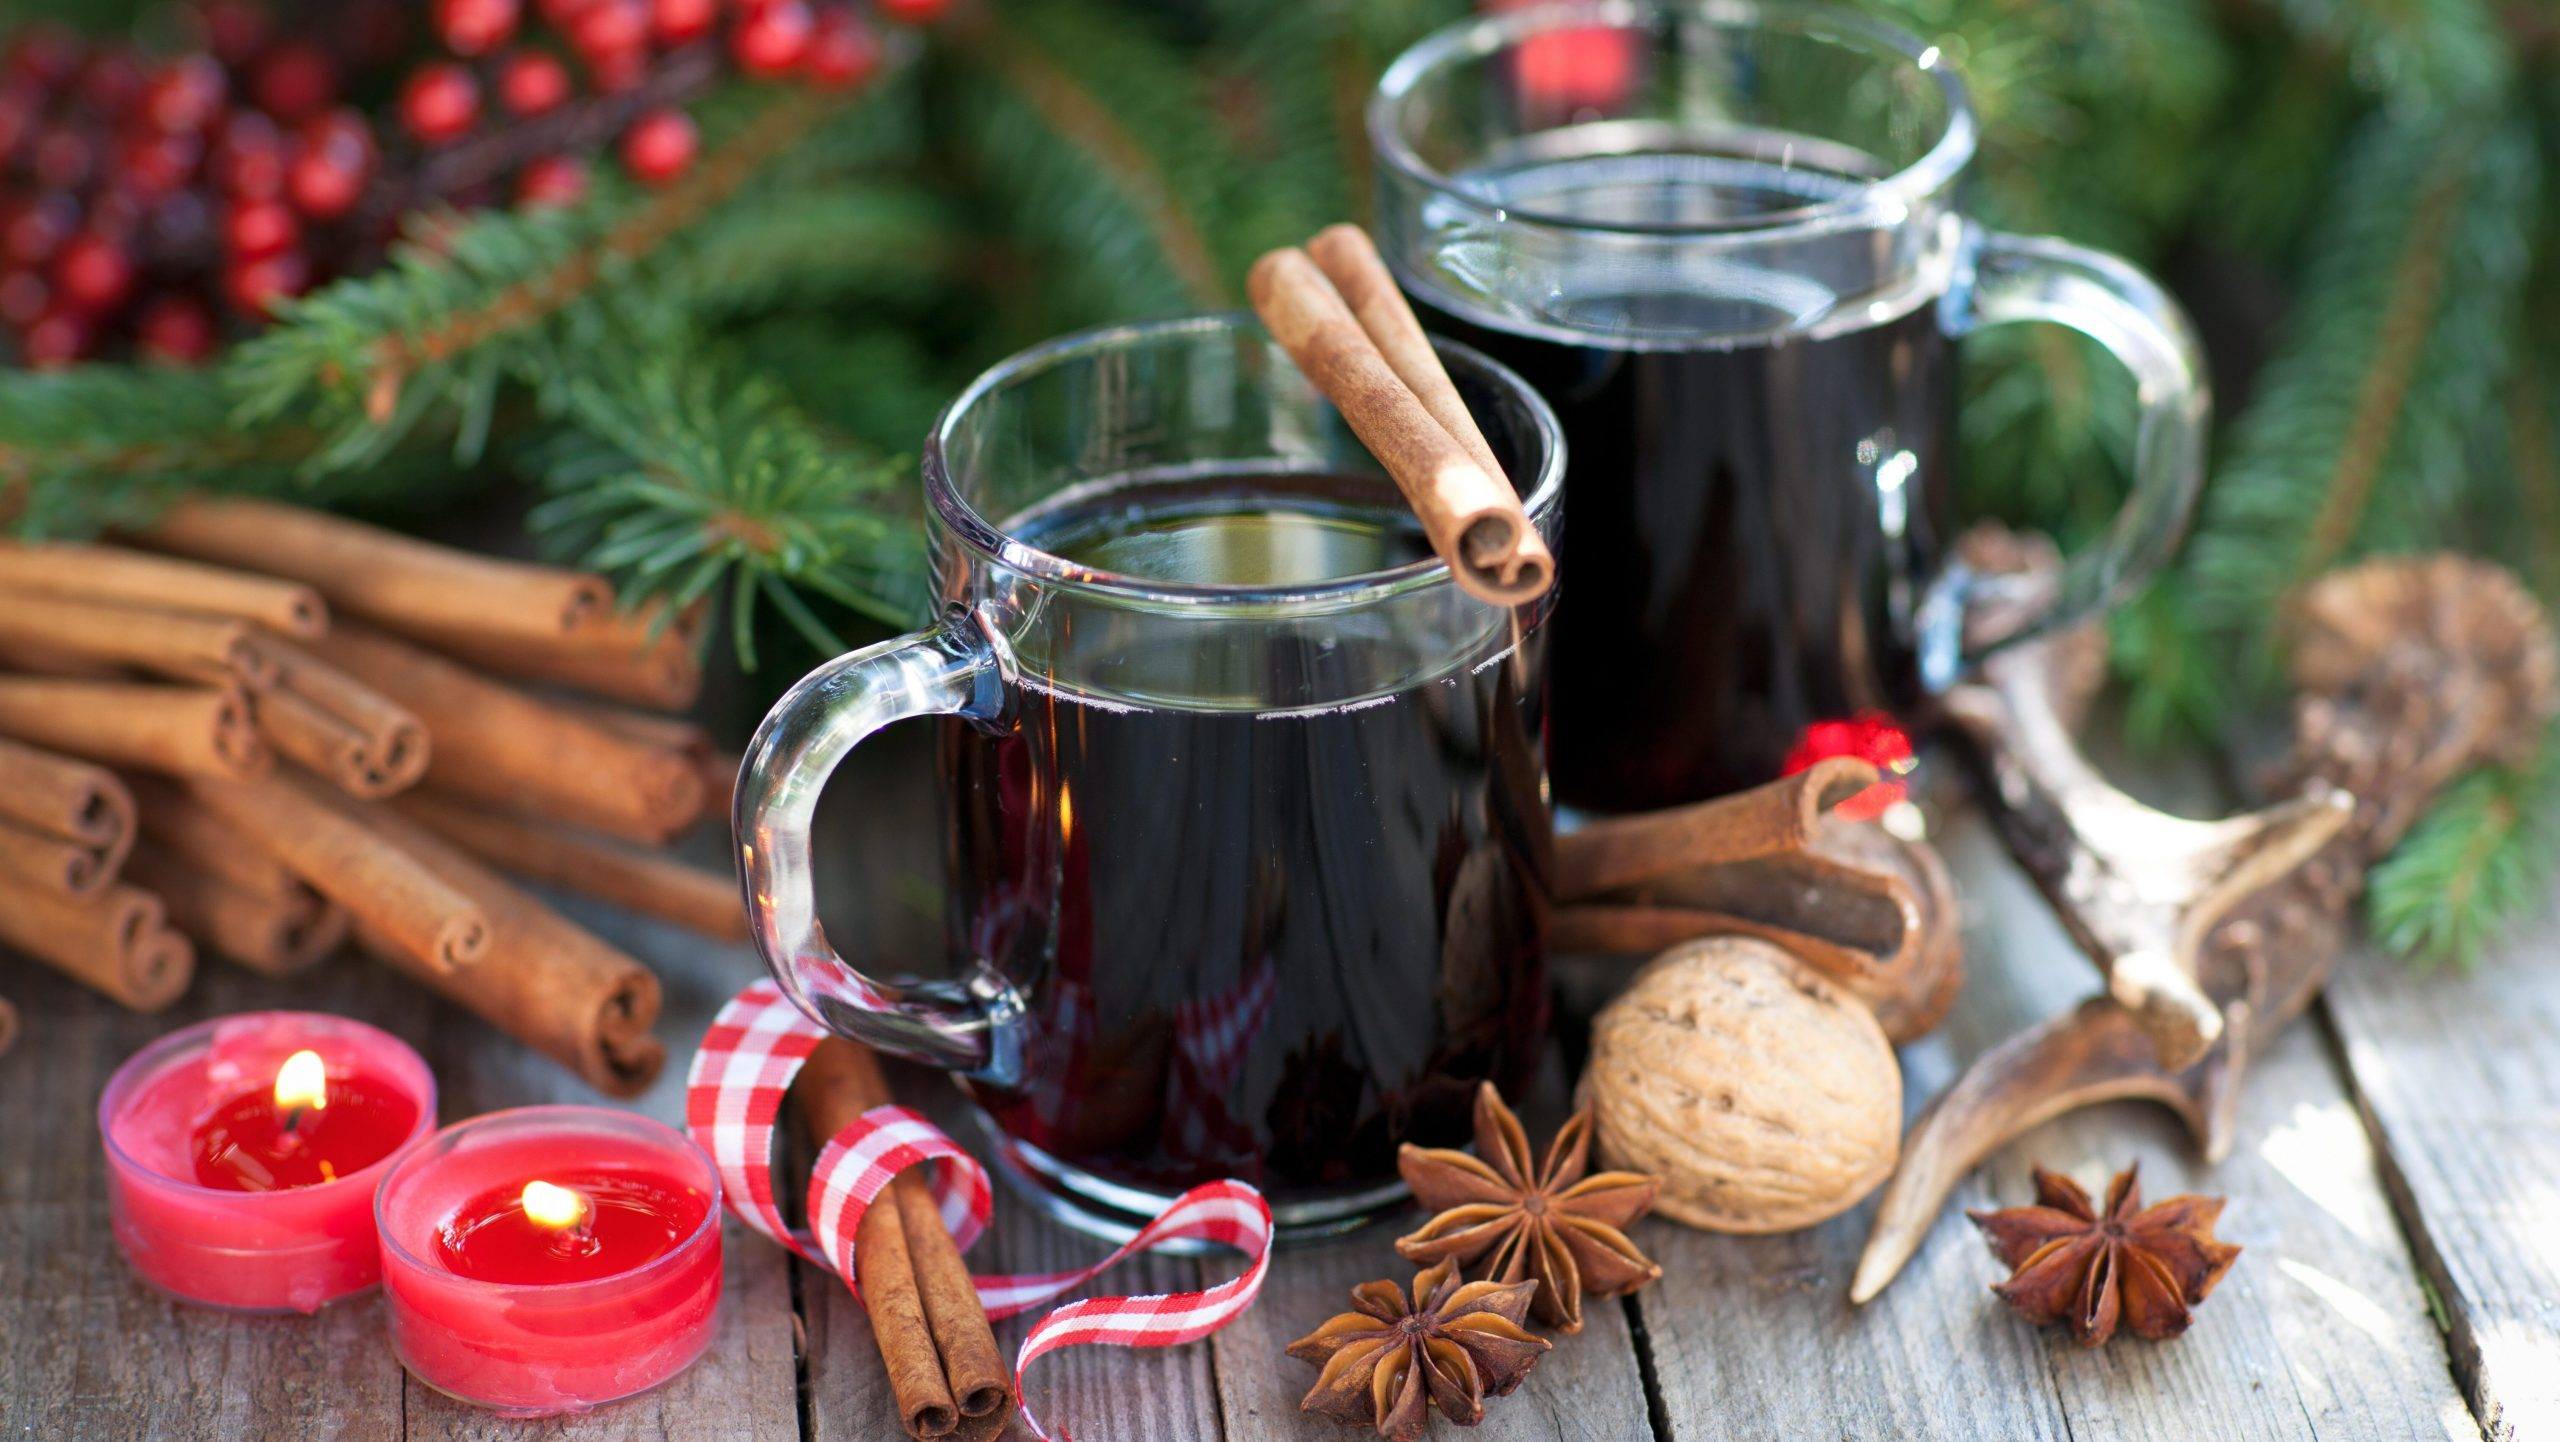 Gläser mit Glühwein auf weihnachtlich geschmücktem Tisch